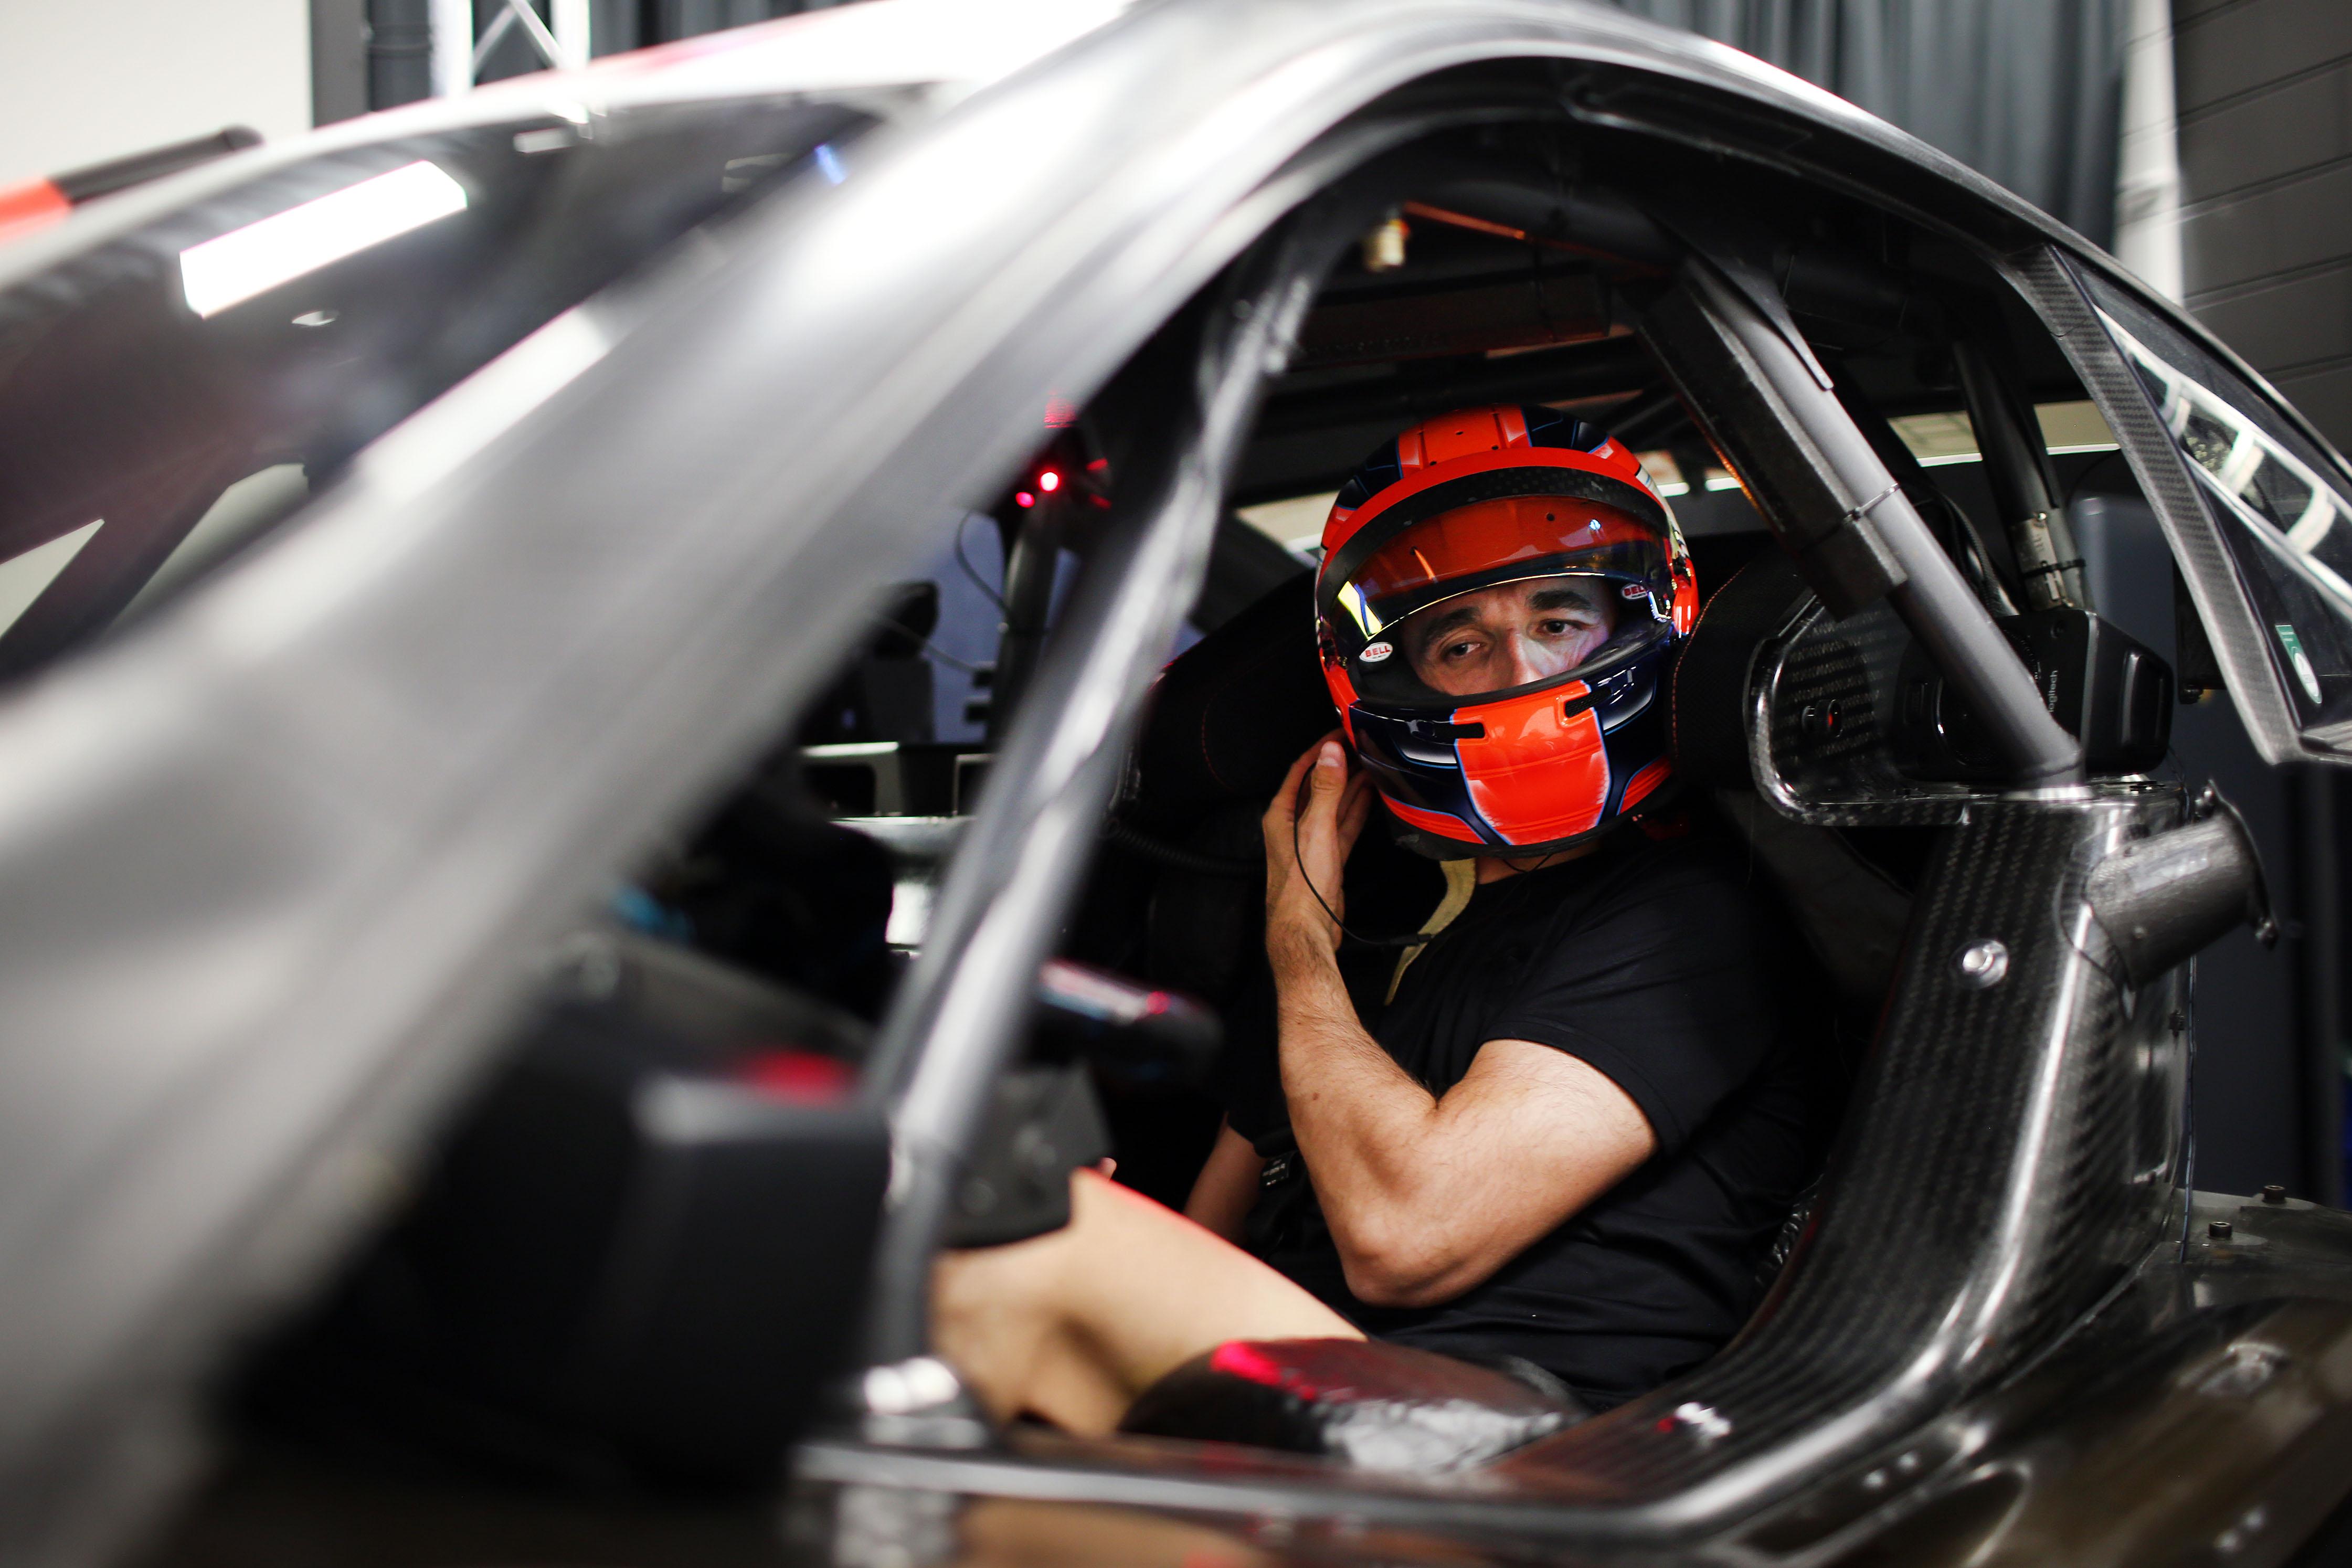 F1 Formula 1 Formula One DTM Robert Kubica BMW MW DTM